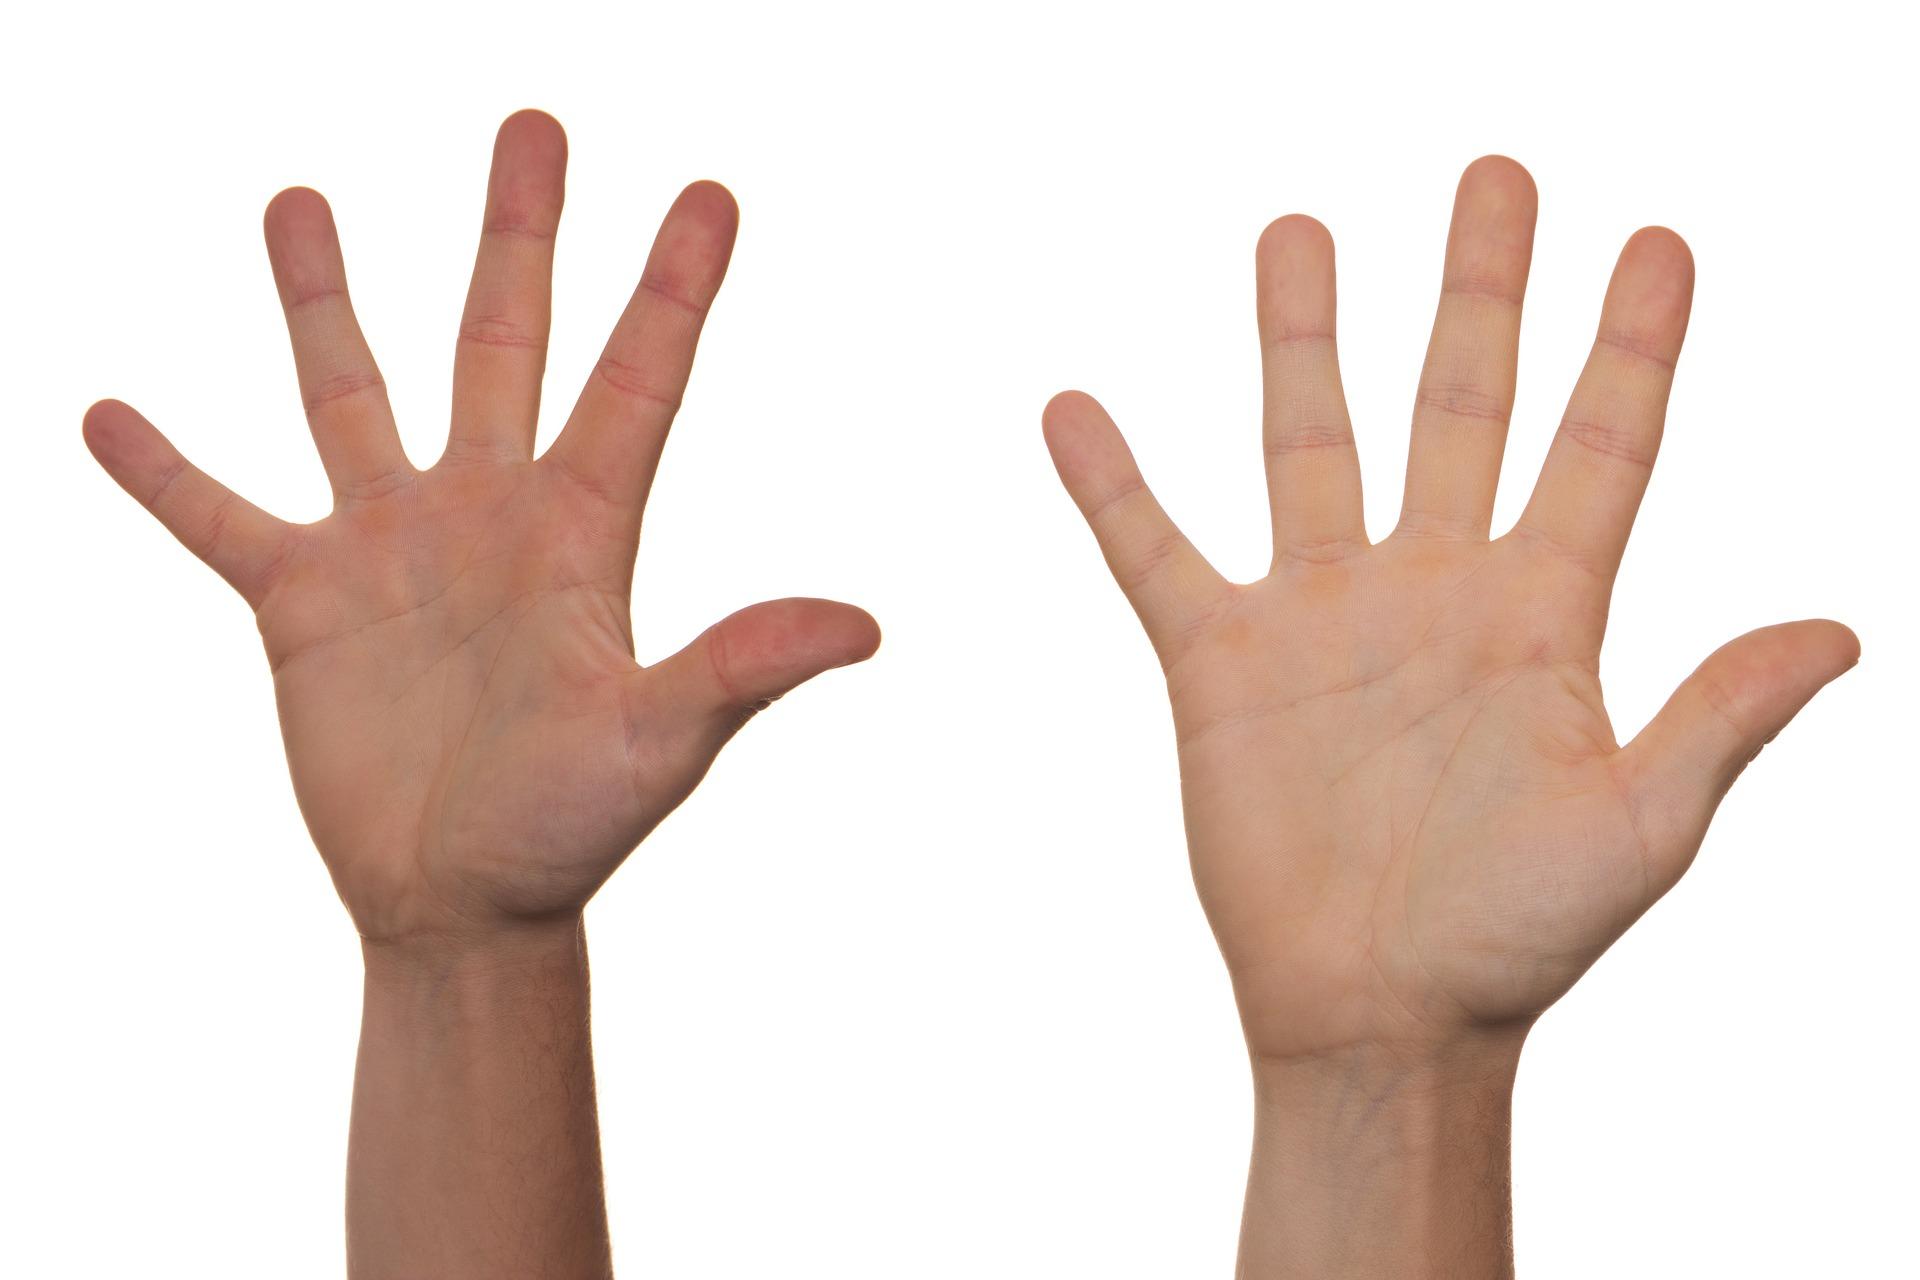 Lettura della biotipologia nel palmo della mano